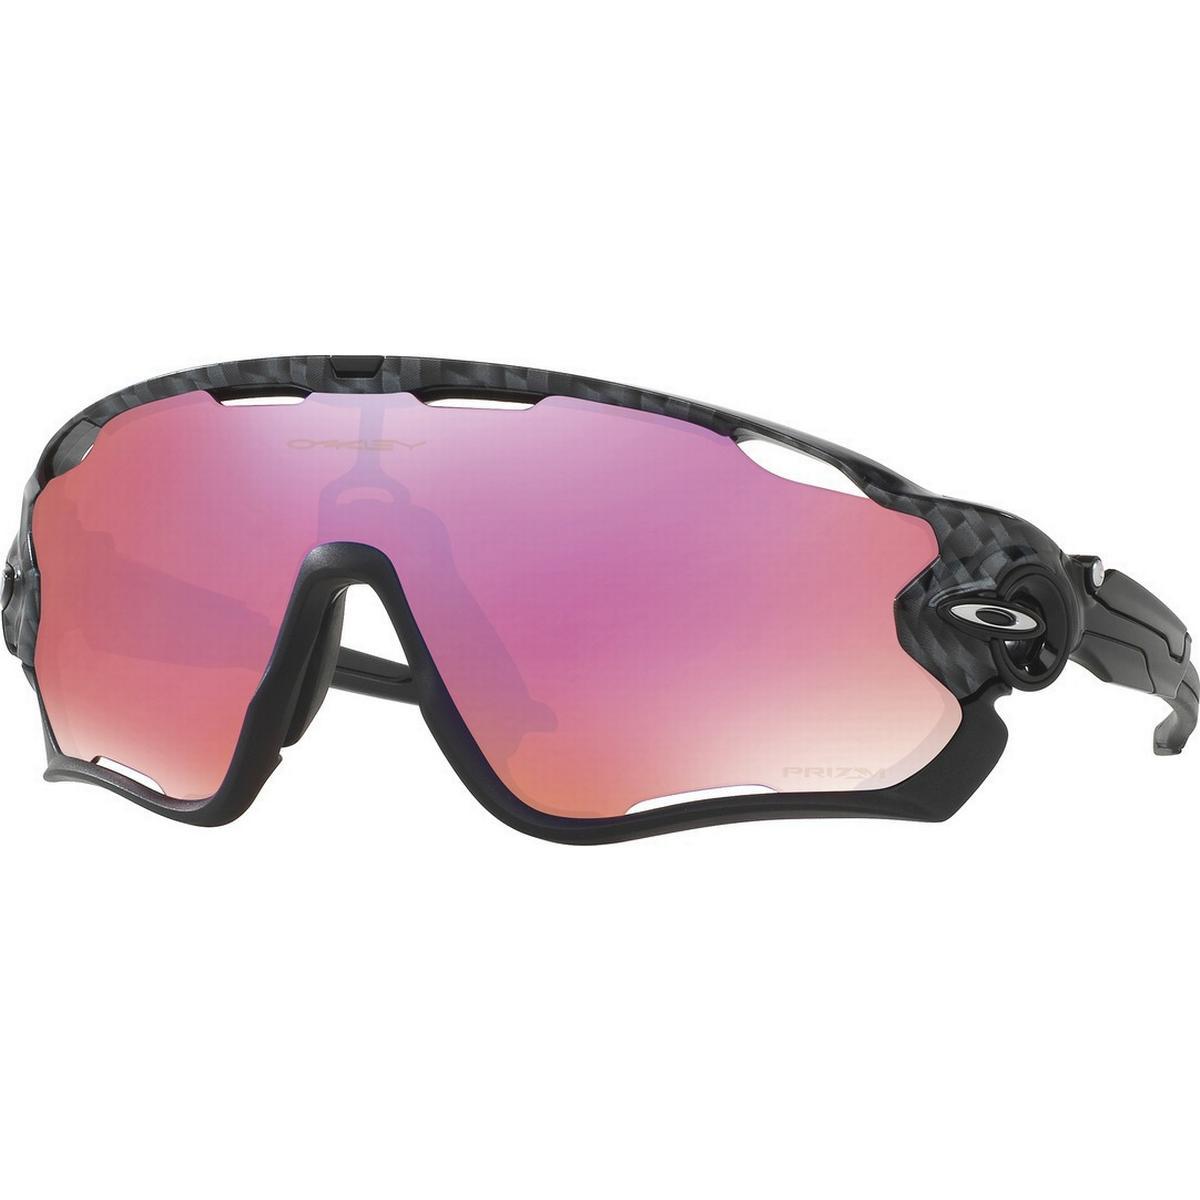 61a1b4bd9879 Oakley Solbriller - Sammenlign priser hos PriceRunner